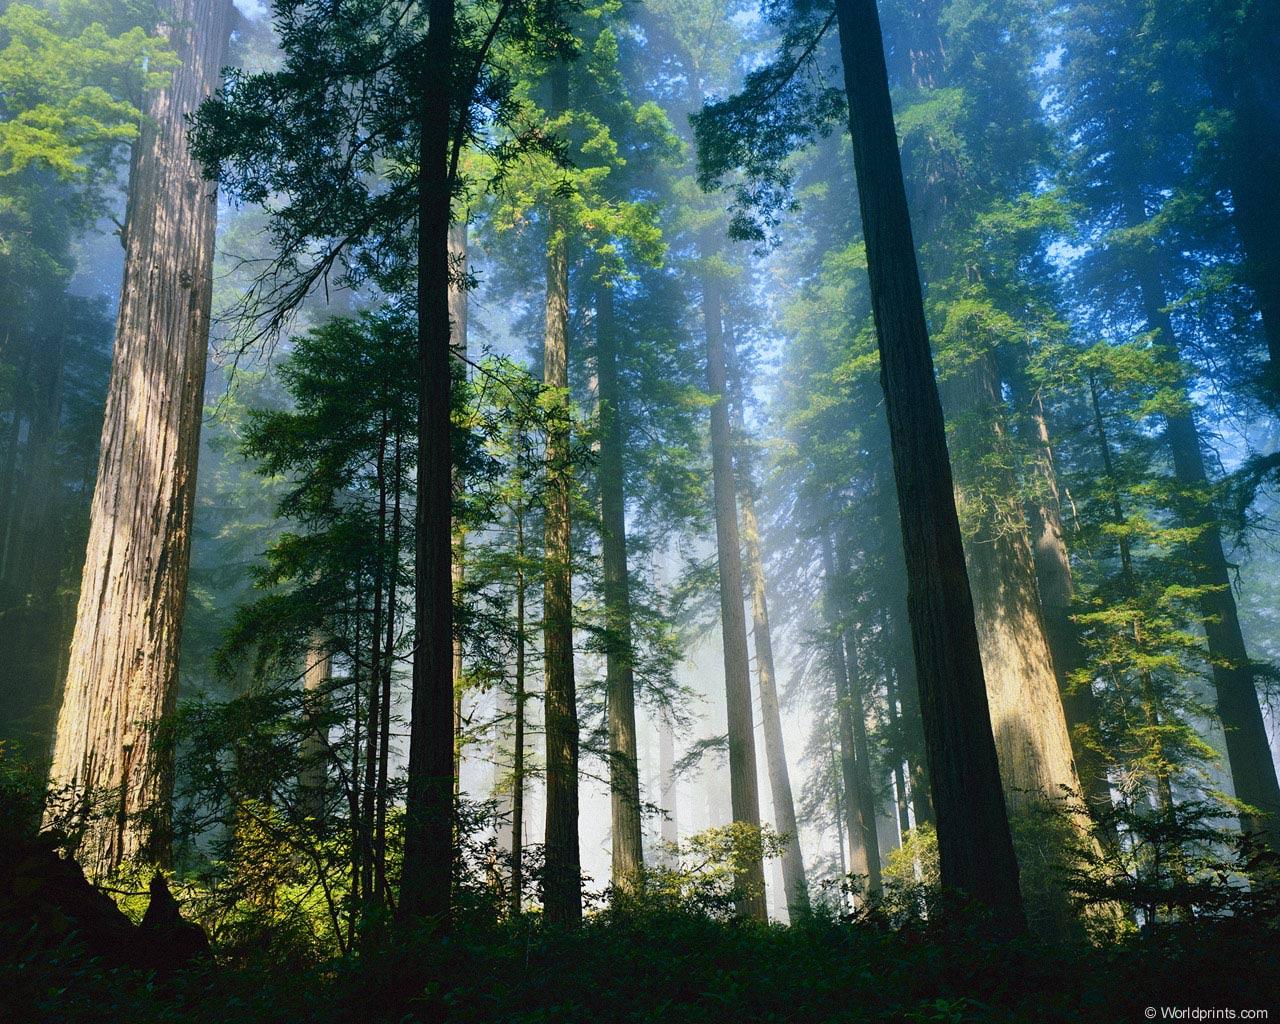 высокие деревья, скачать фото, обои на рабочий стол